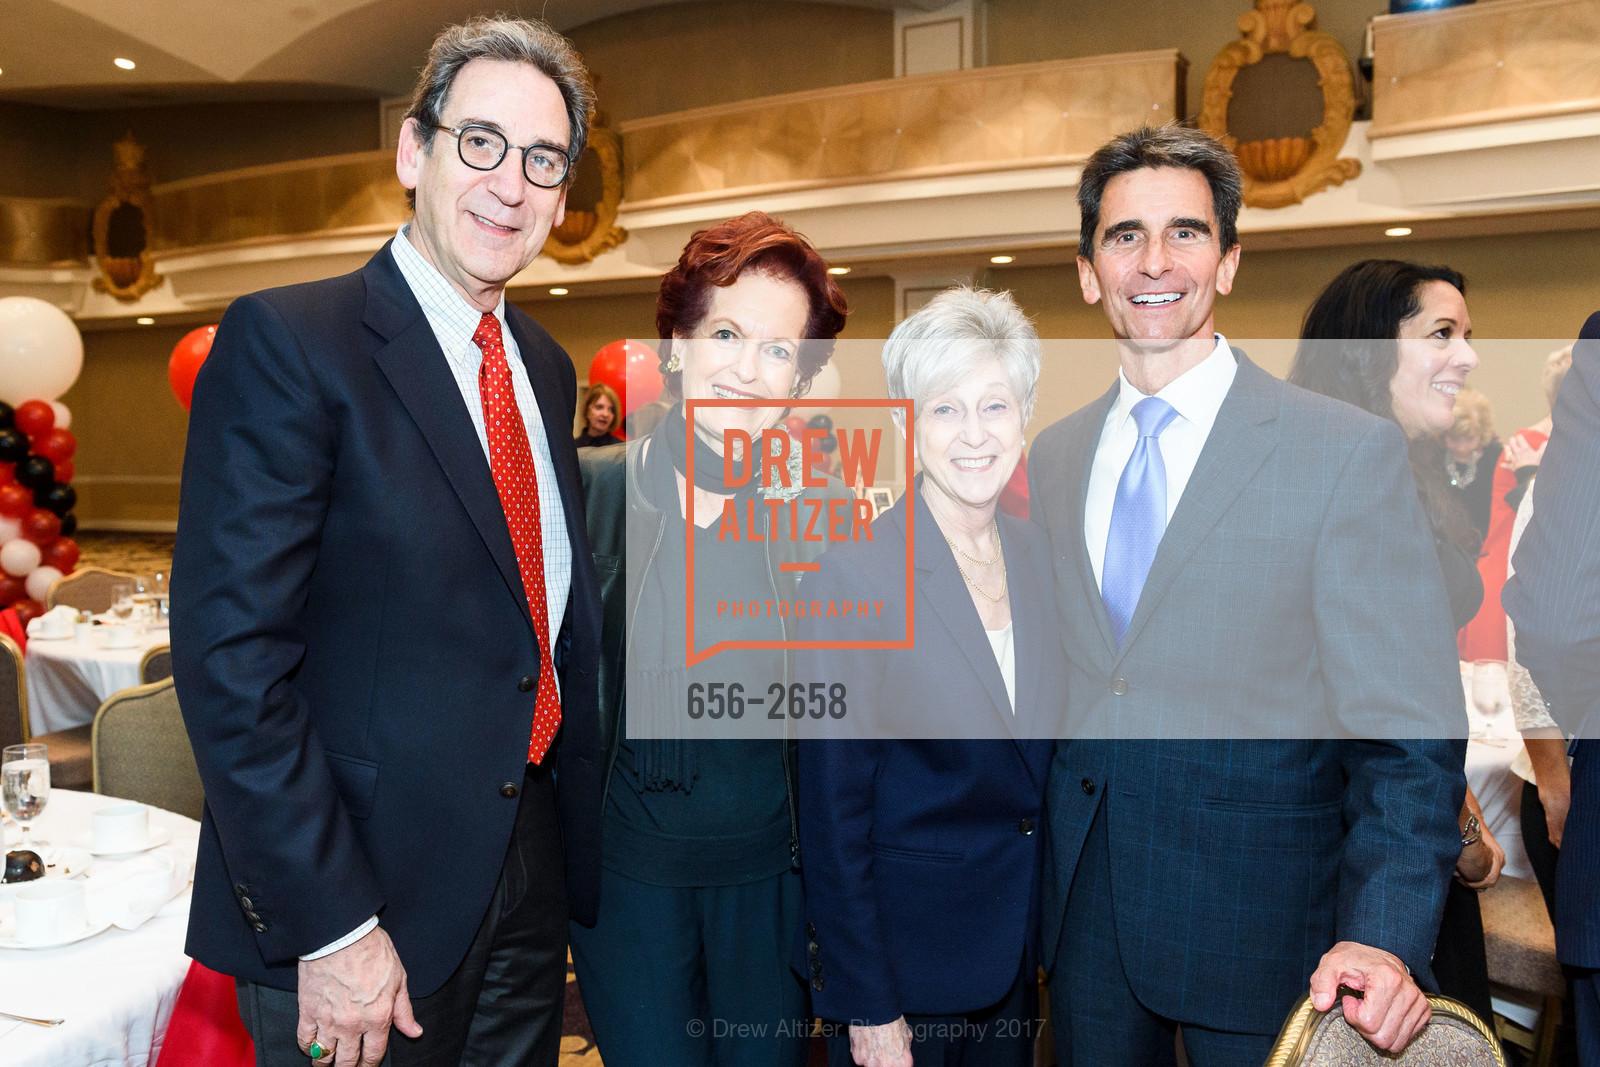 Fred Levin, Helen Hilton Raiser, Nancy Livingston, Mark Leno, Photo #656-2658